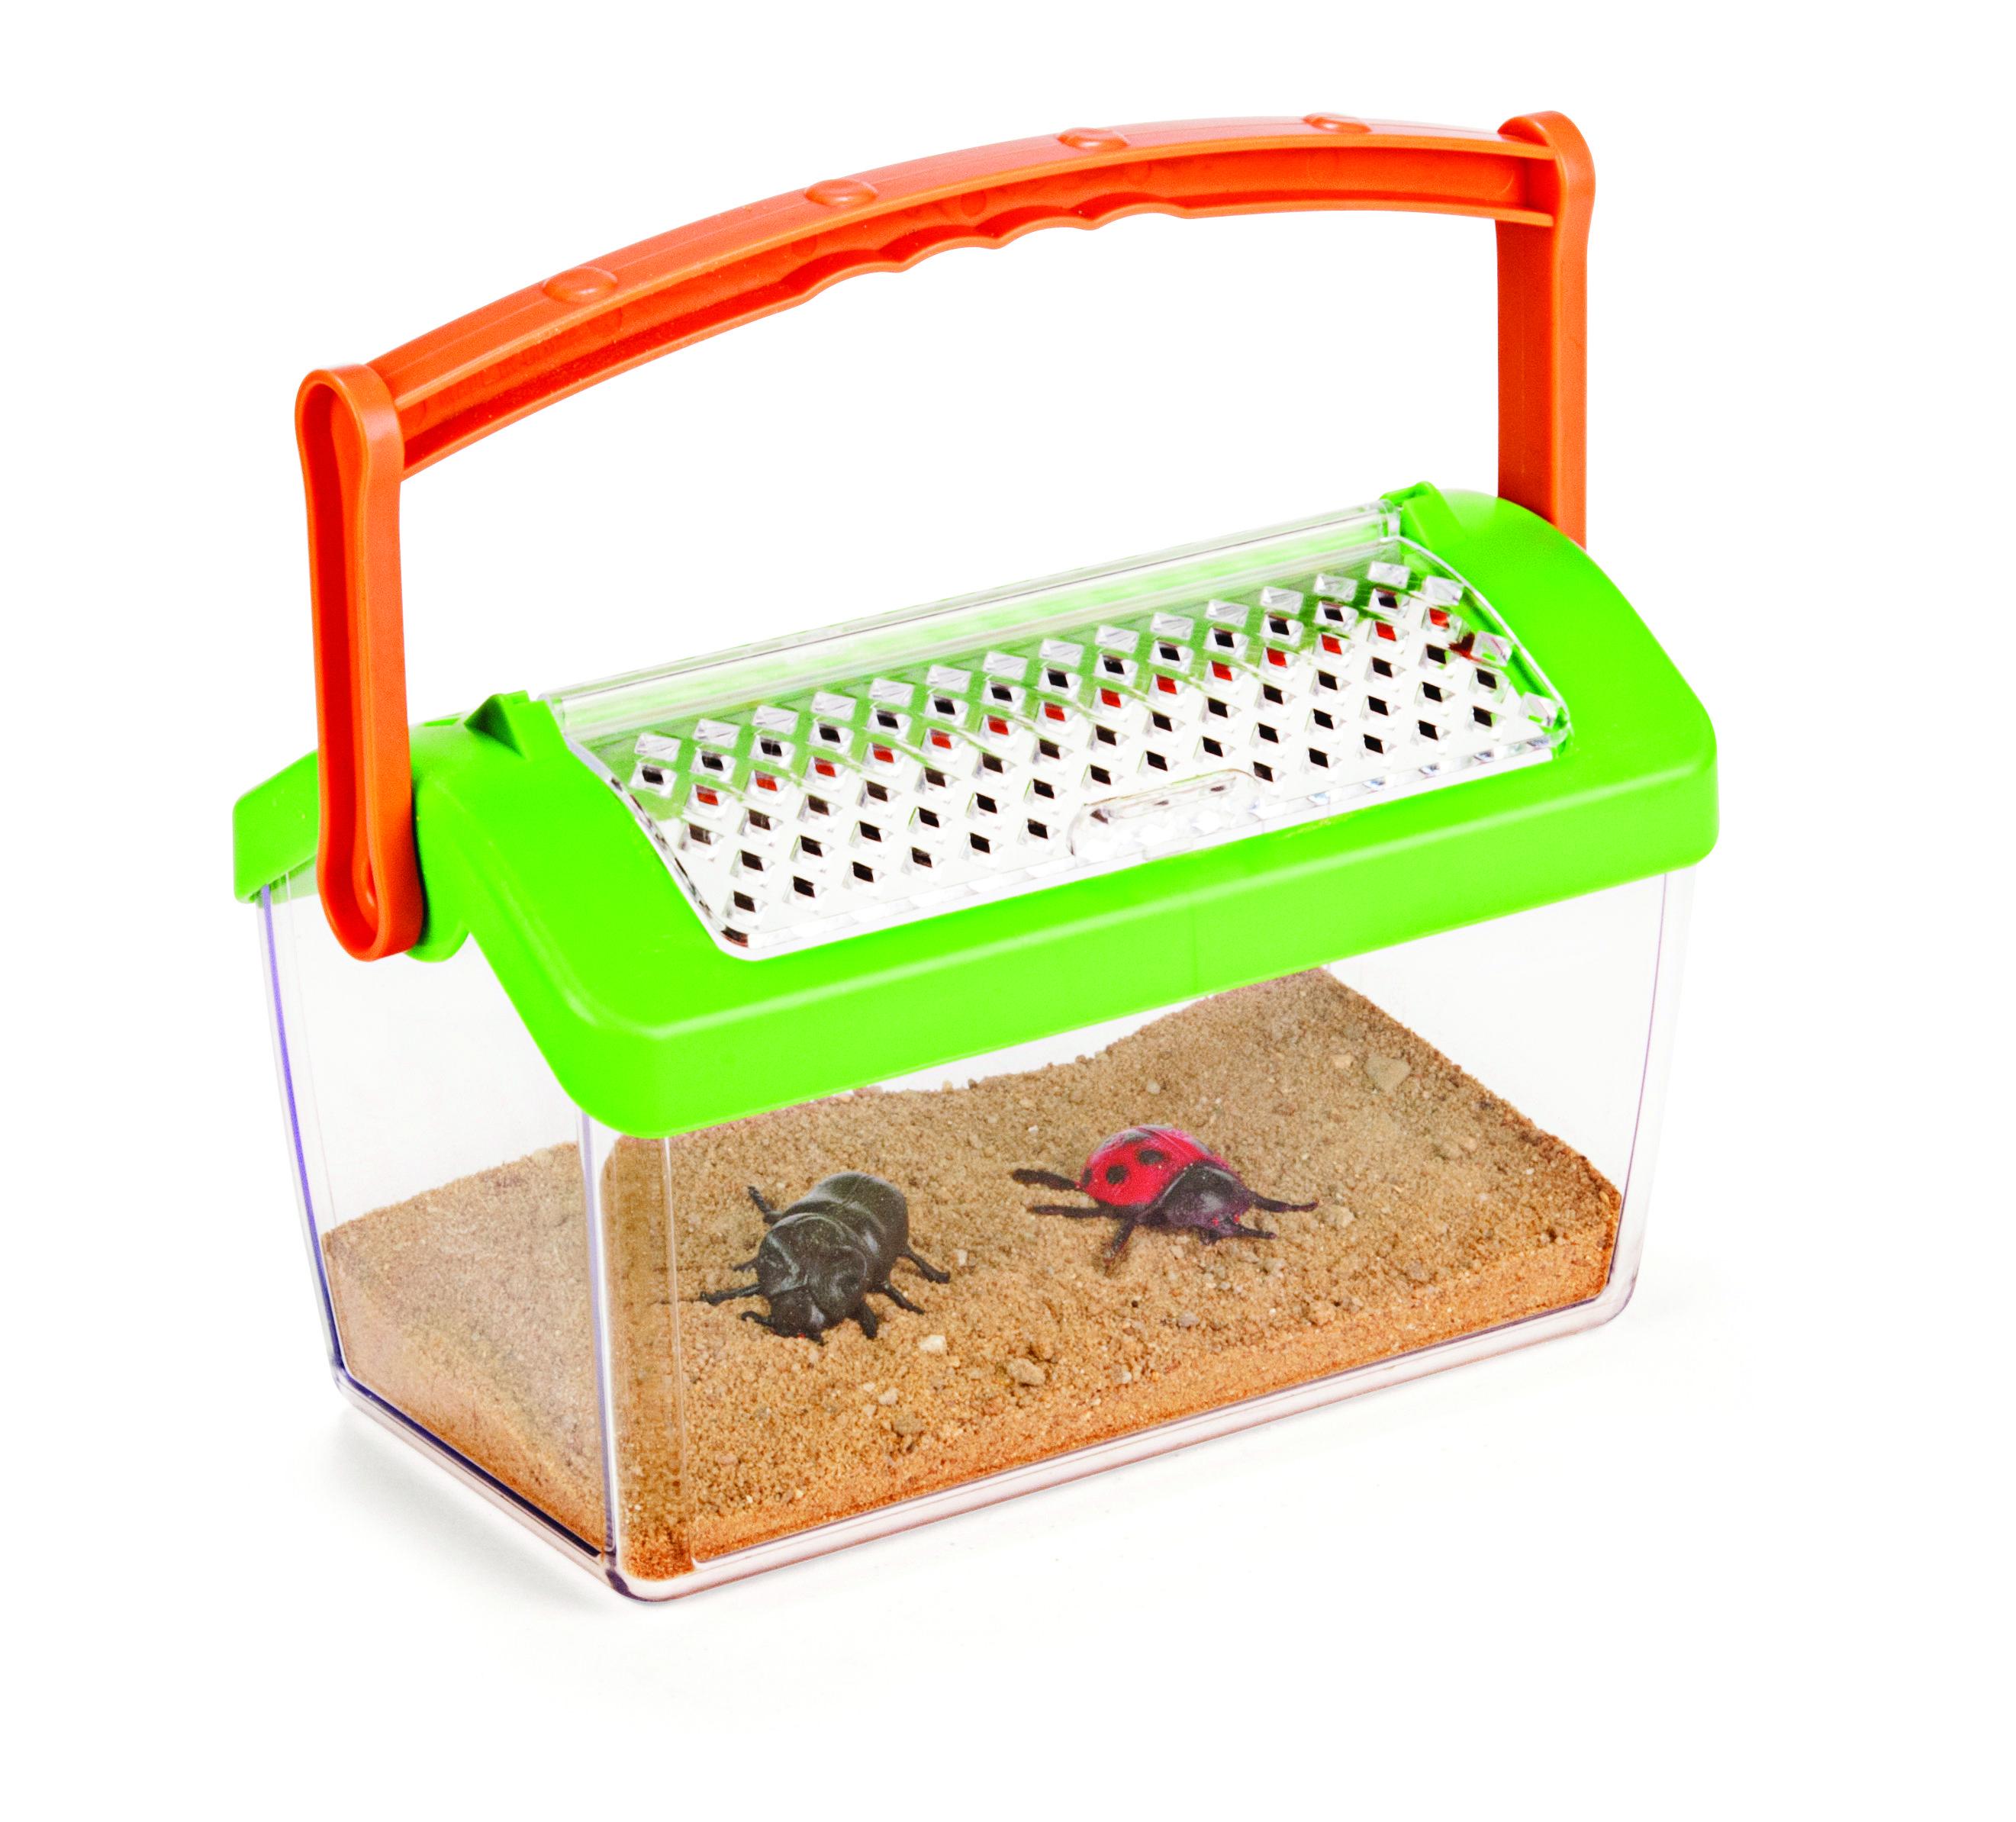 Transportabelt insekthus med håndtag og lufthuller. I insekthuset kan man både have mariehøns, myrer, larver, biller, edderkopper og andre sjove insekter boende, imens man studerer dem og deres levevis. Husk at slippe dem fri i naturen igen... #Natur #Naturfag #Udeliv #Haven #Insekter #Undersøgelser #NytLegetøj